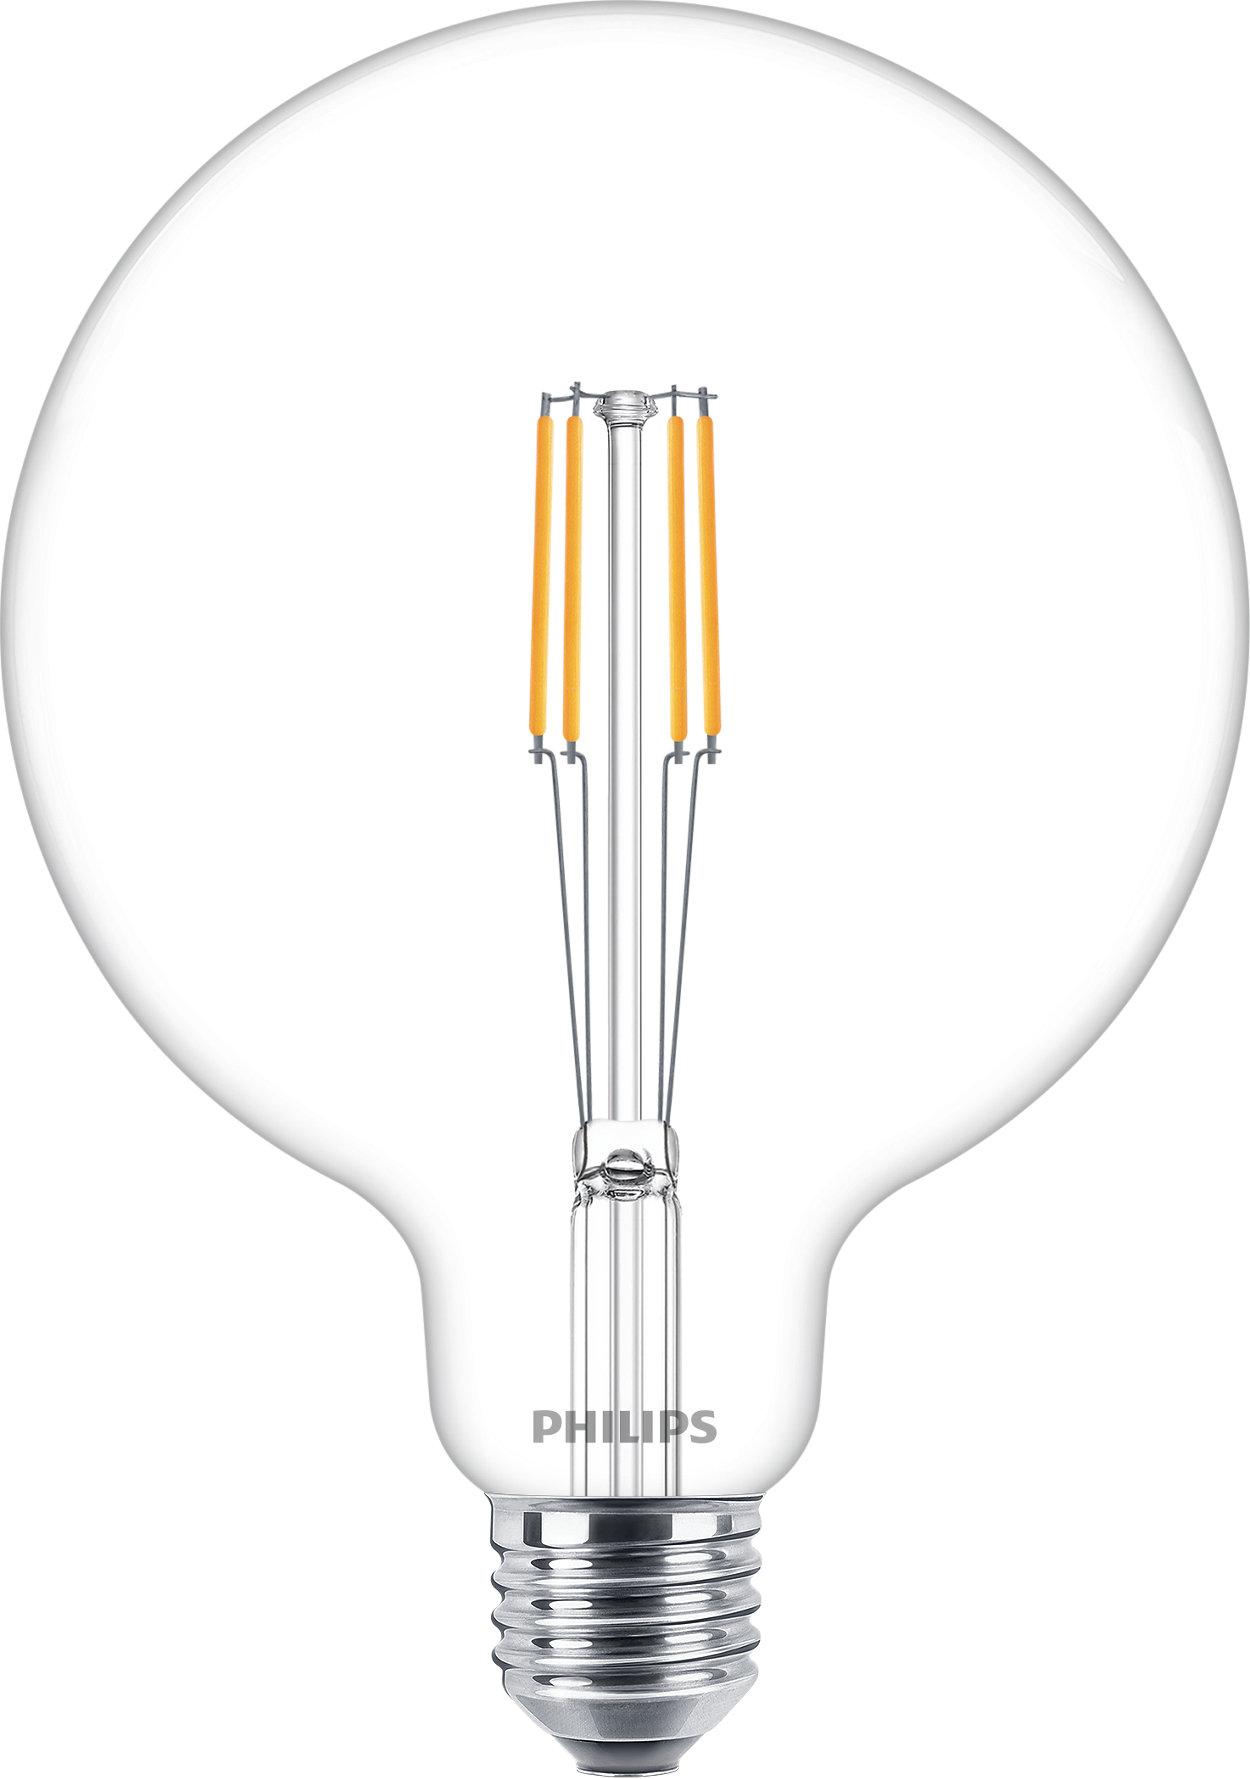 Ampolletas clásicas LED de filamento para iluminación decorativa